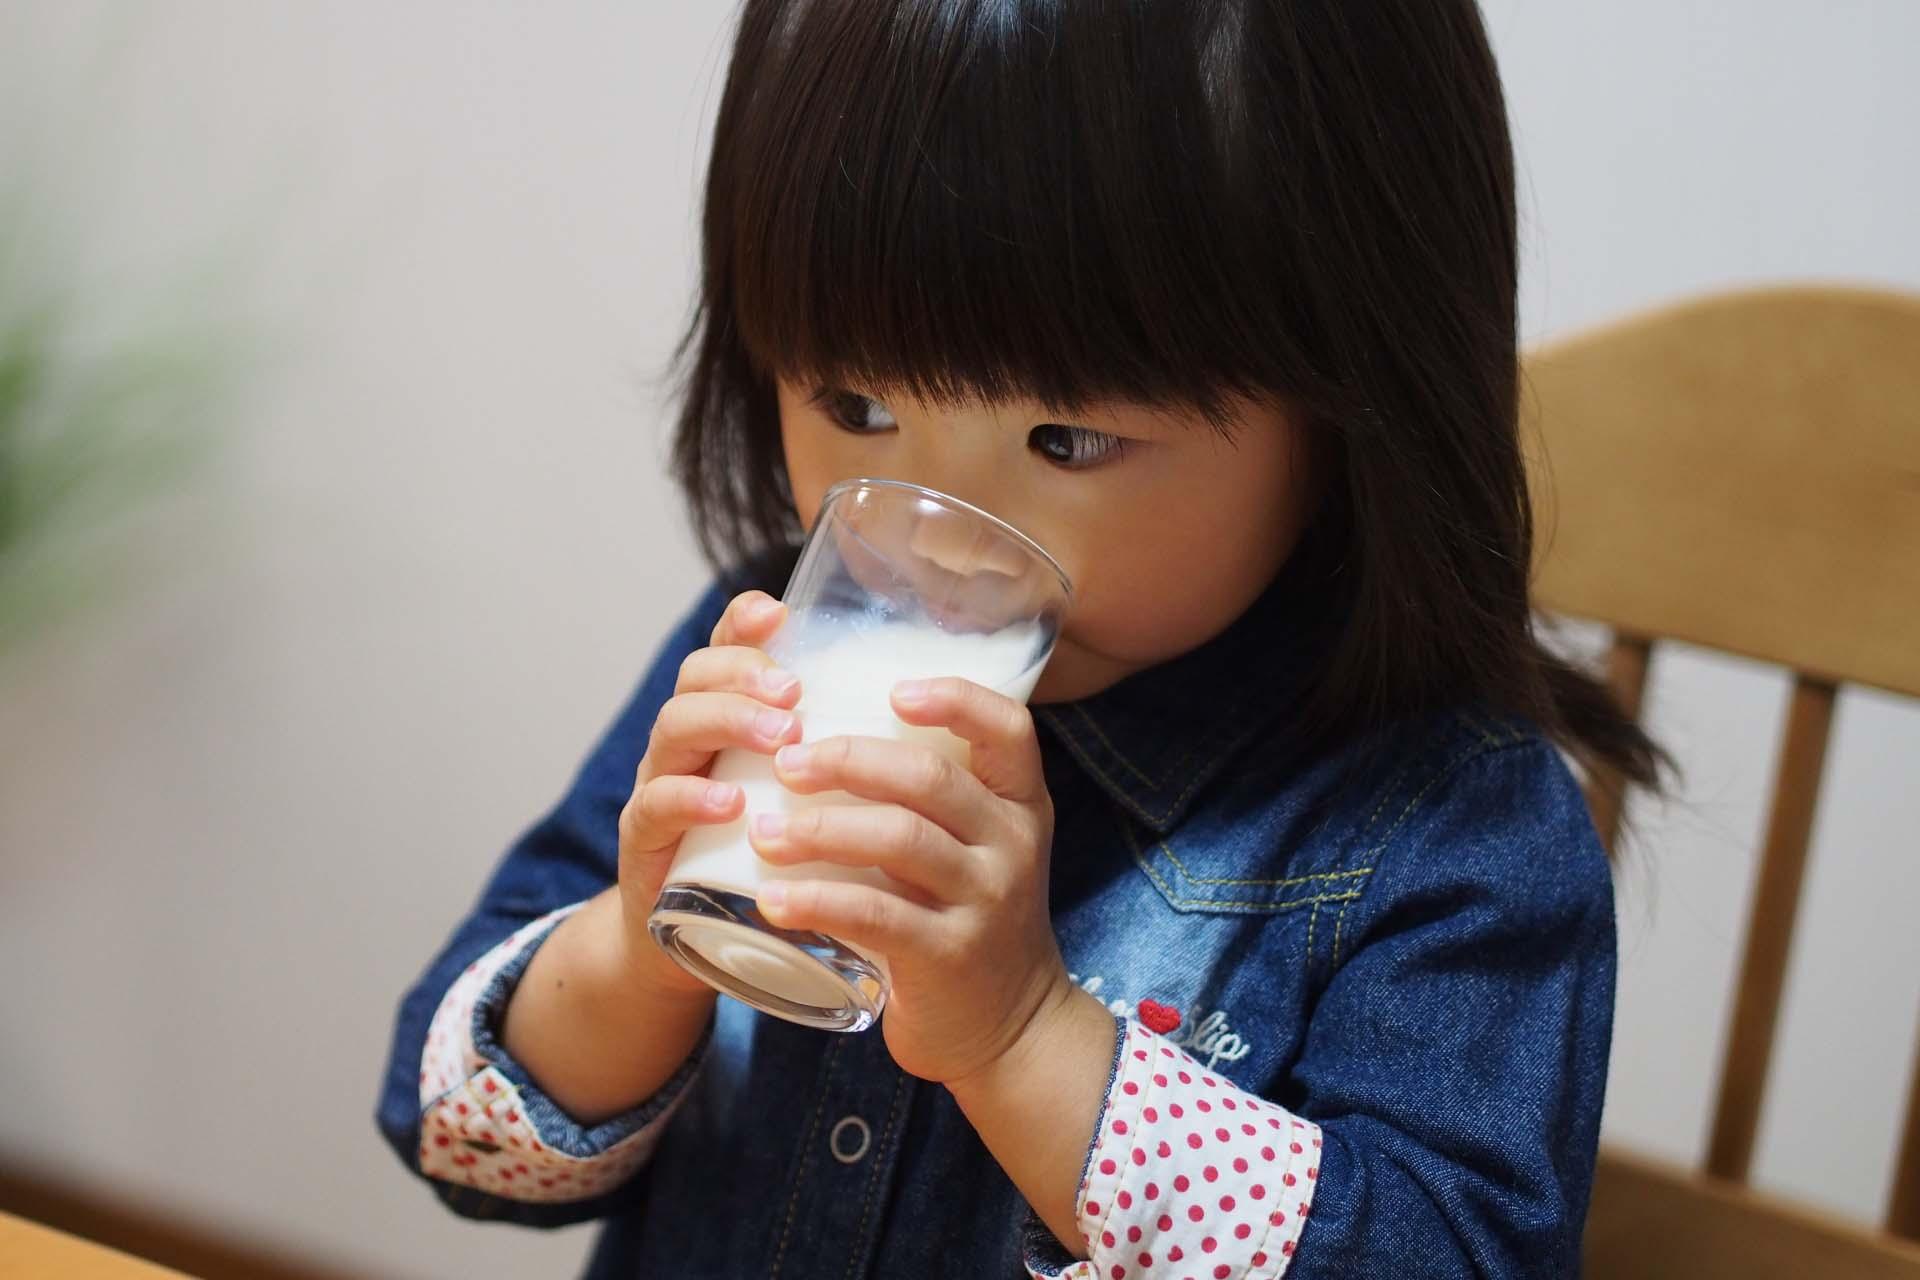 在泡麵容器、鋁箔包、紙杯、罐頭食品的包裝中,也容易吃下雙酚A等環境荷爾蒙,建議少讓孩子使用這些餐具,以不銹鋼、玻璃和陶瓷為主